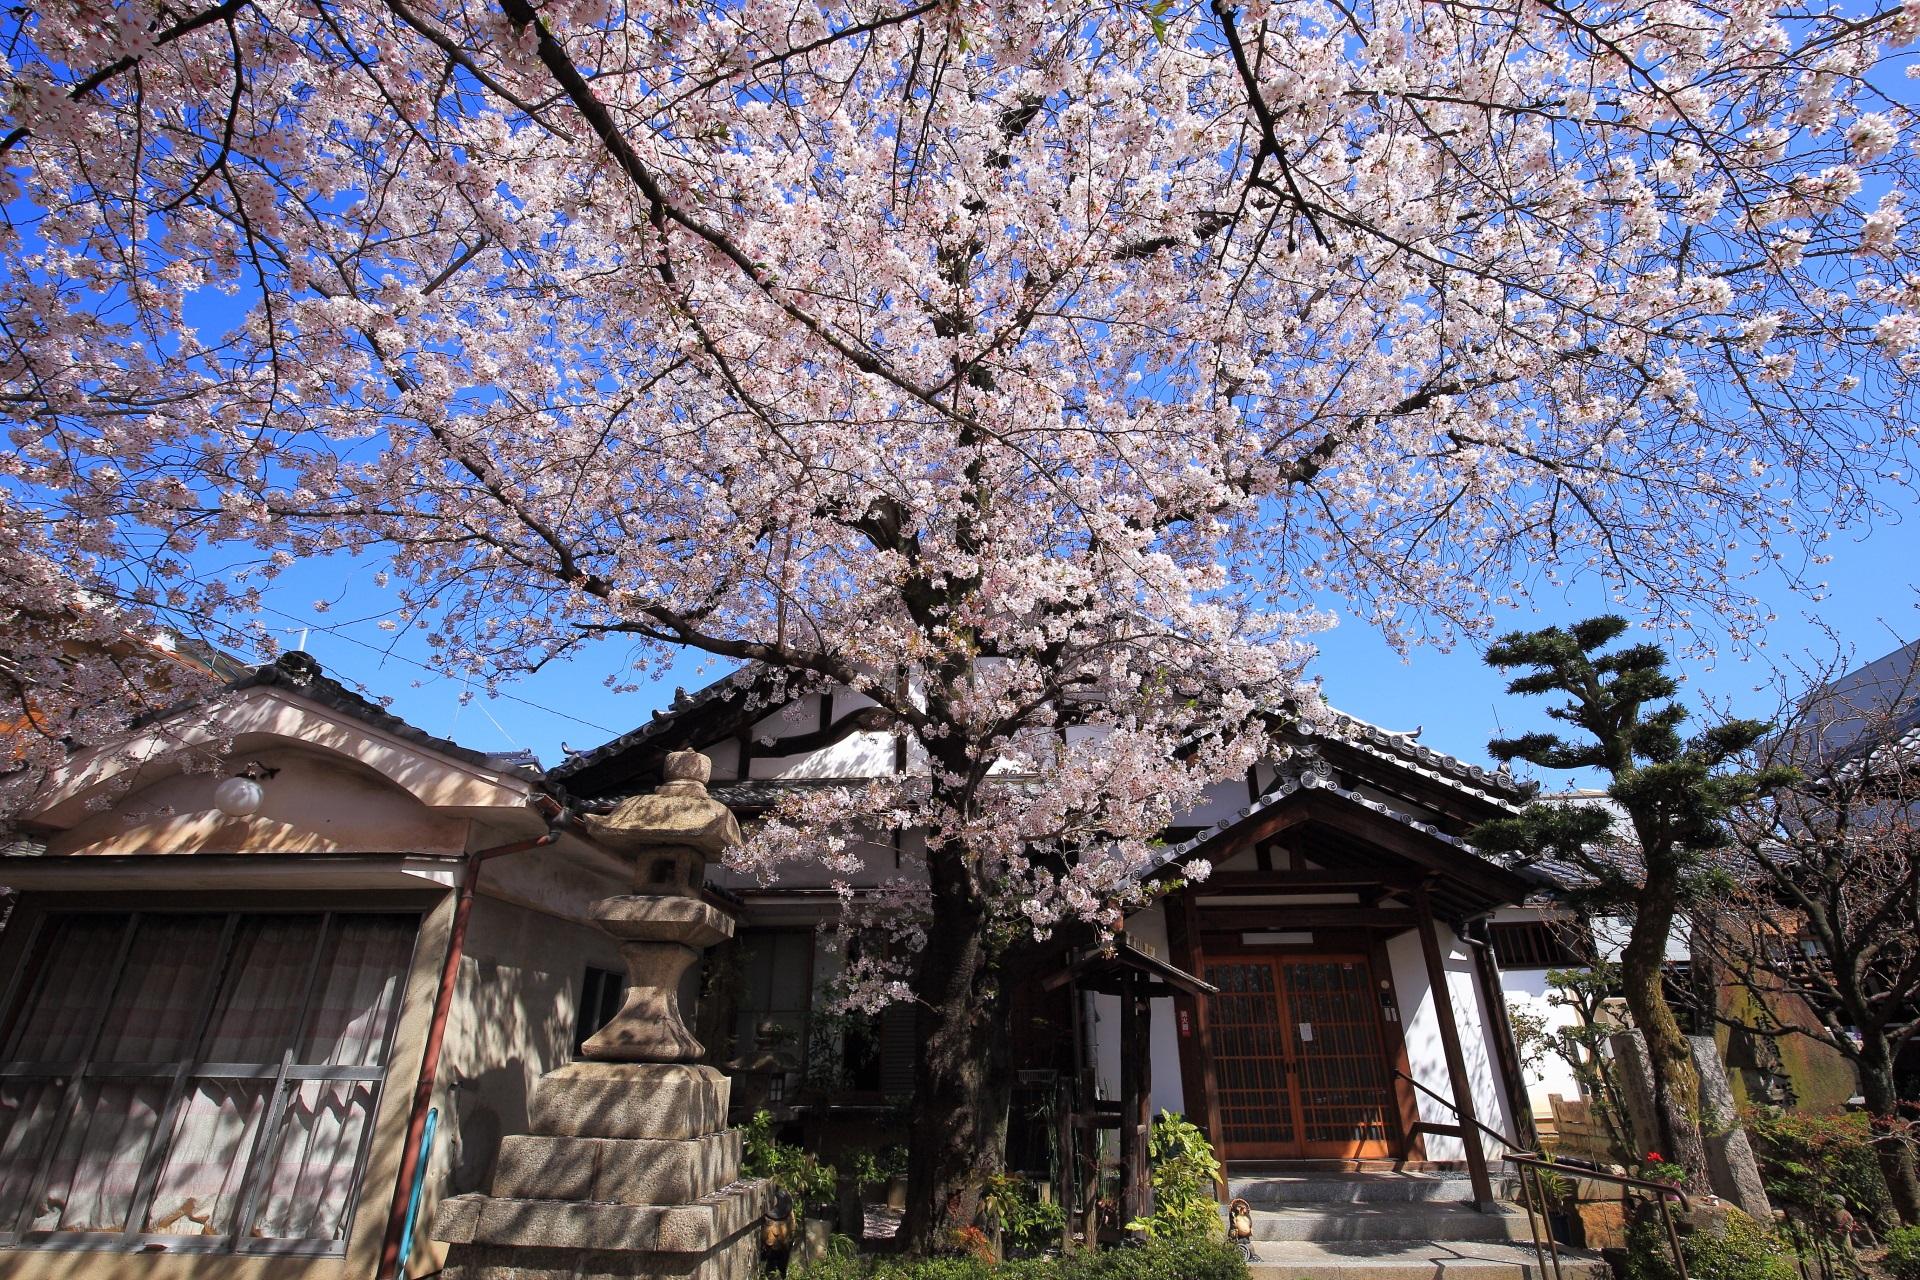 墨染寺の庫裡前の空を覆う煌びやかな桜